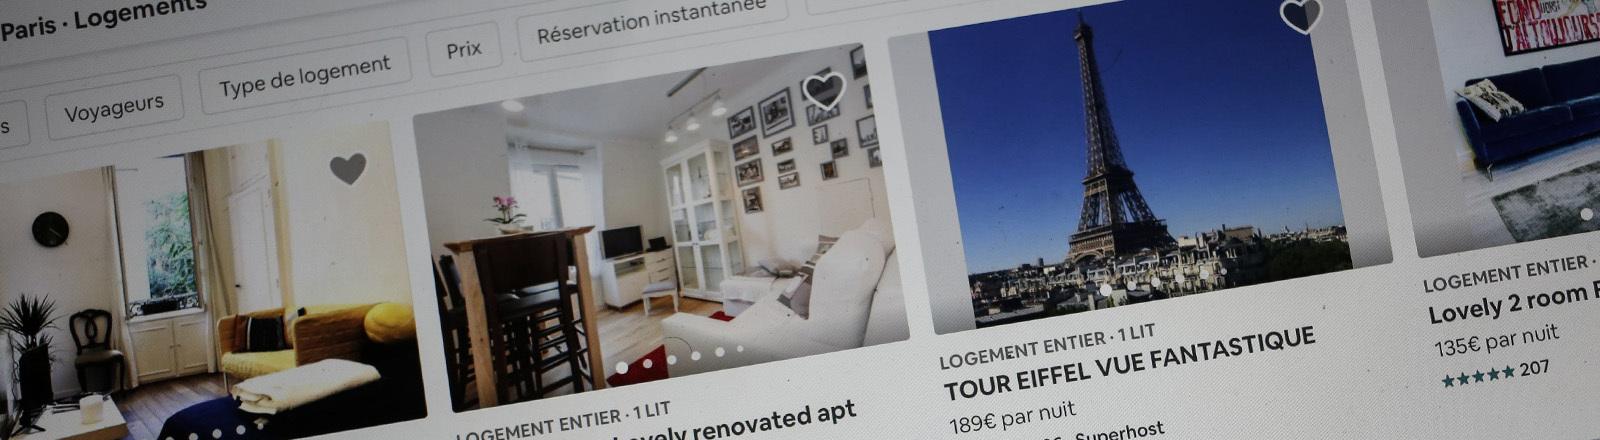 Benutzeroberfläche der Airbnb-Website